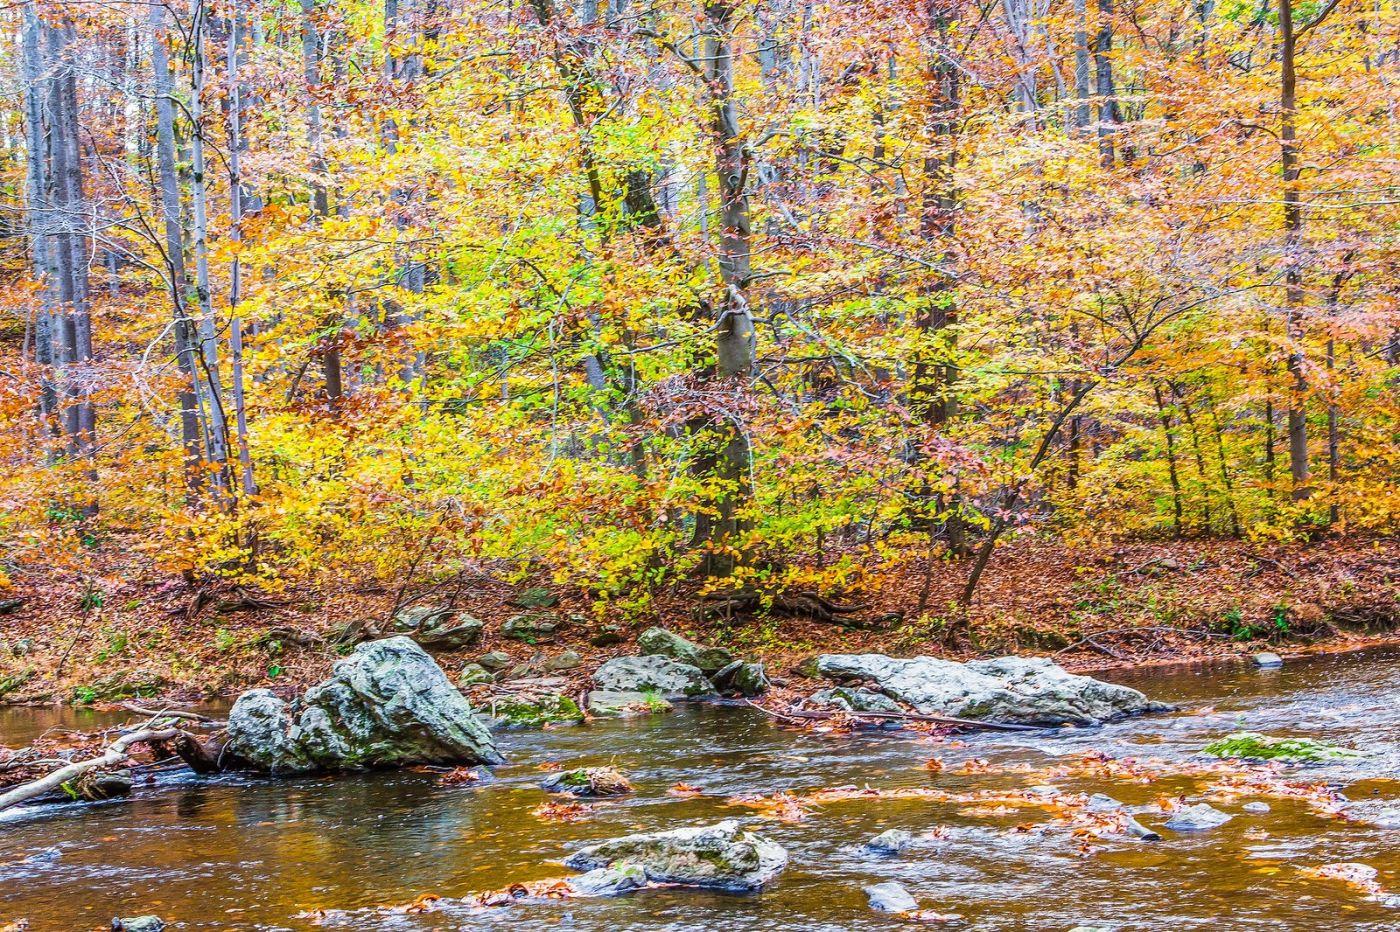 宾州雷德利克里克公园(Ridley creek park),迷人的秋色_图1-27